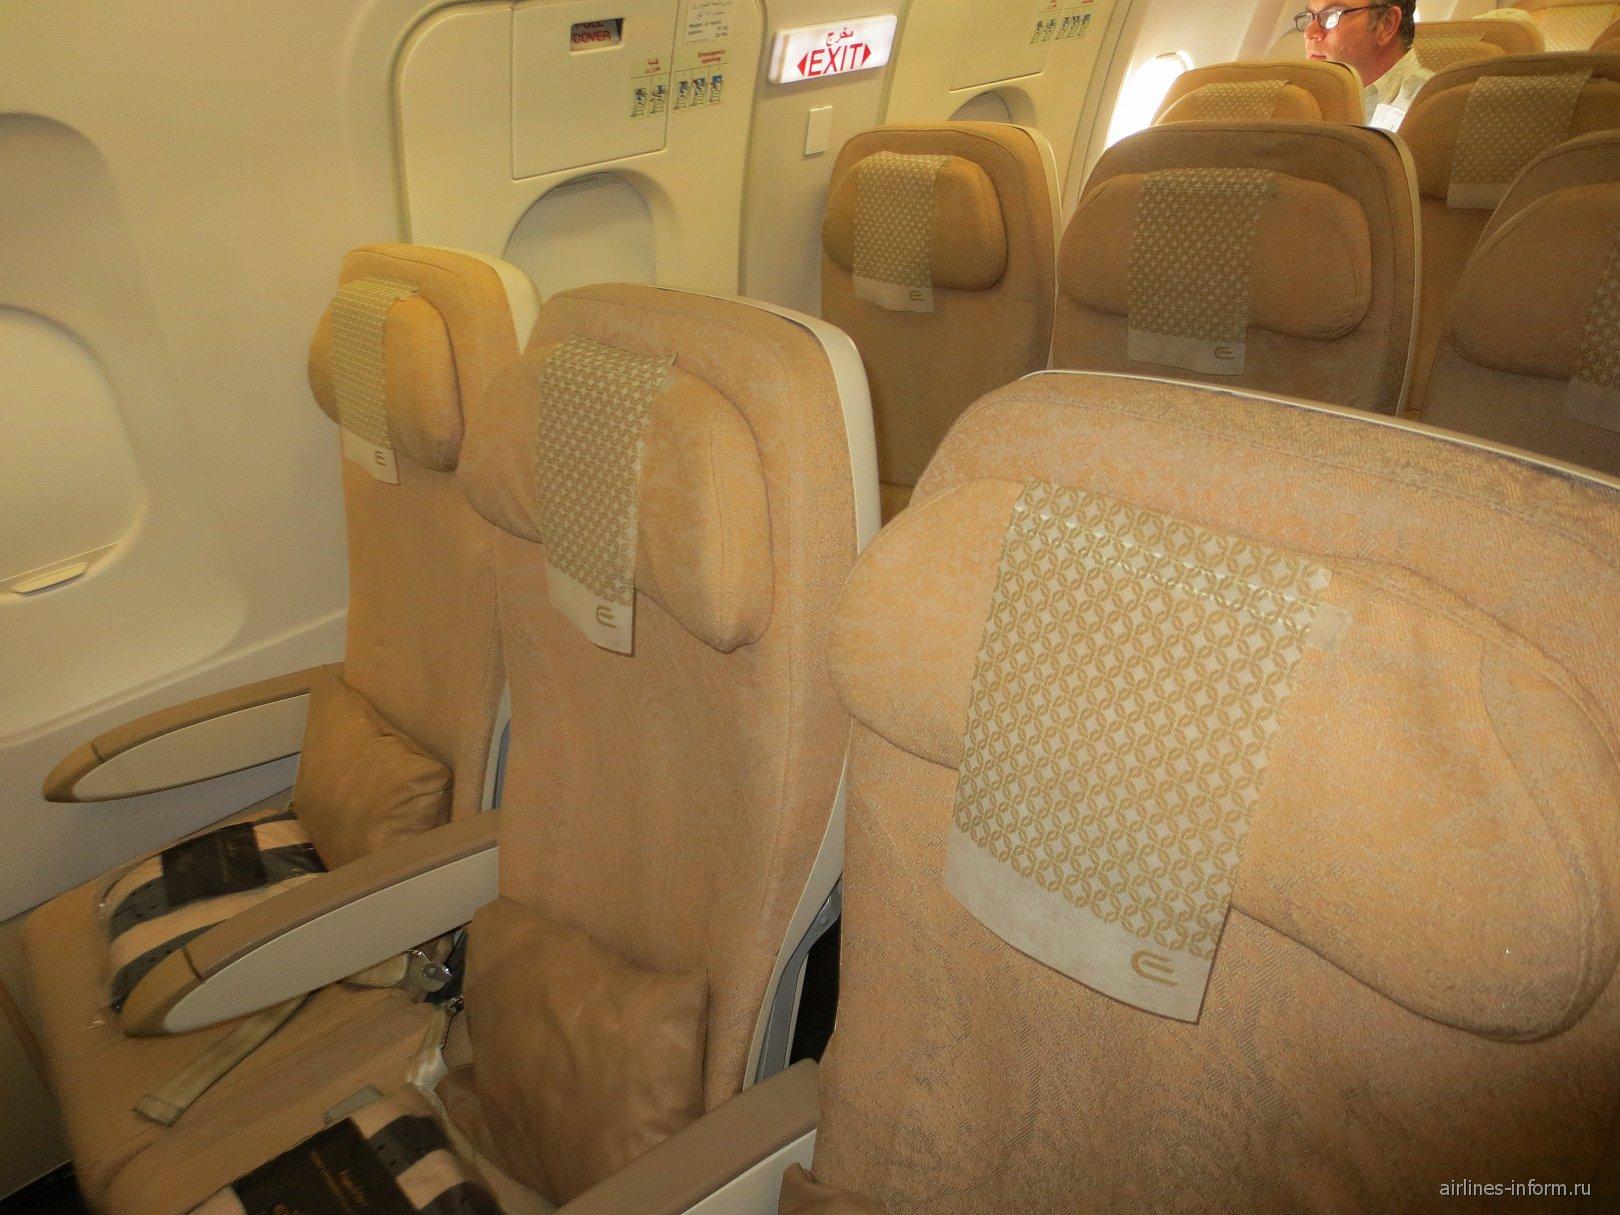 Пассажирские кресла эконом-класса в самолете Airbus A320 авиакомпании Etihad Airways